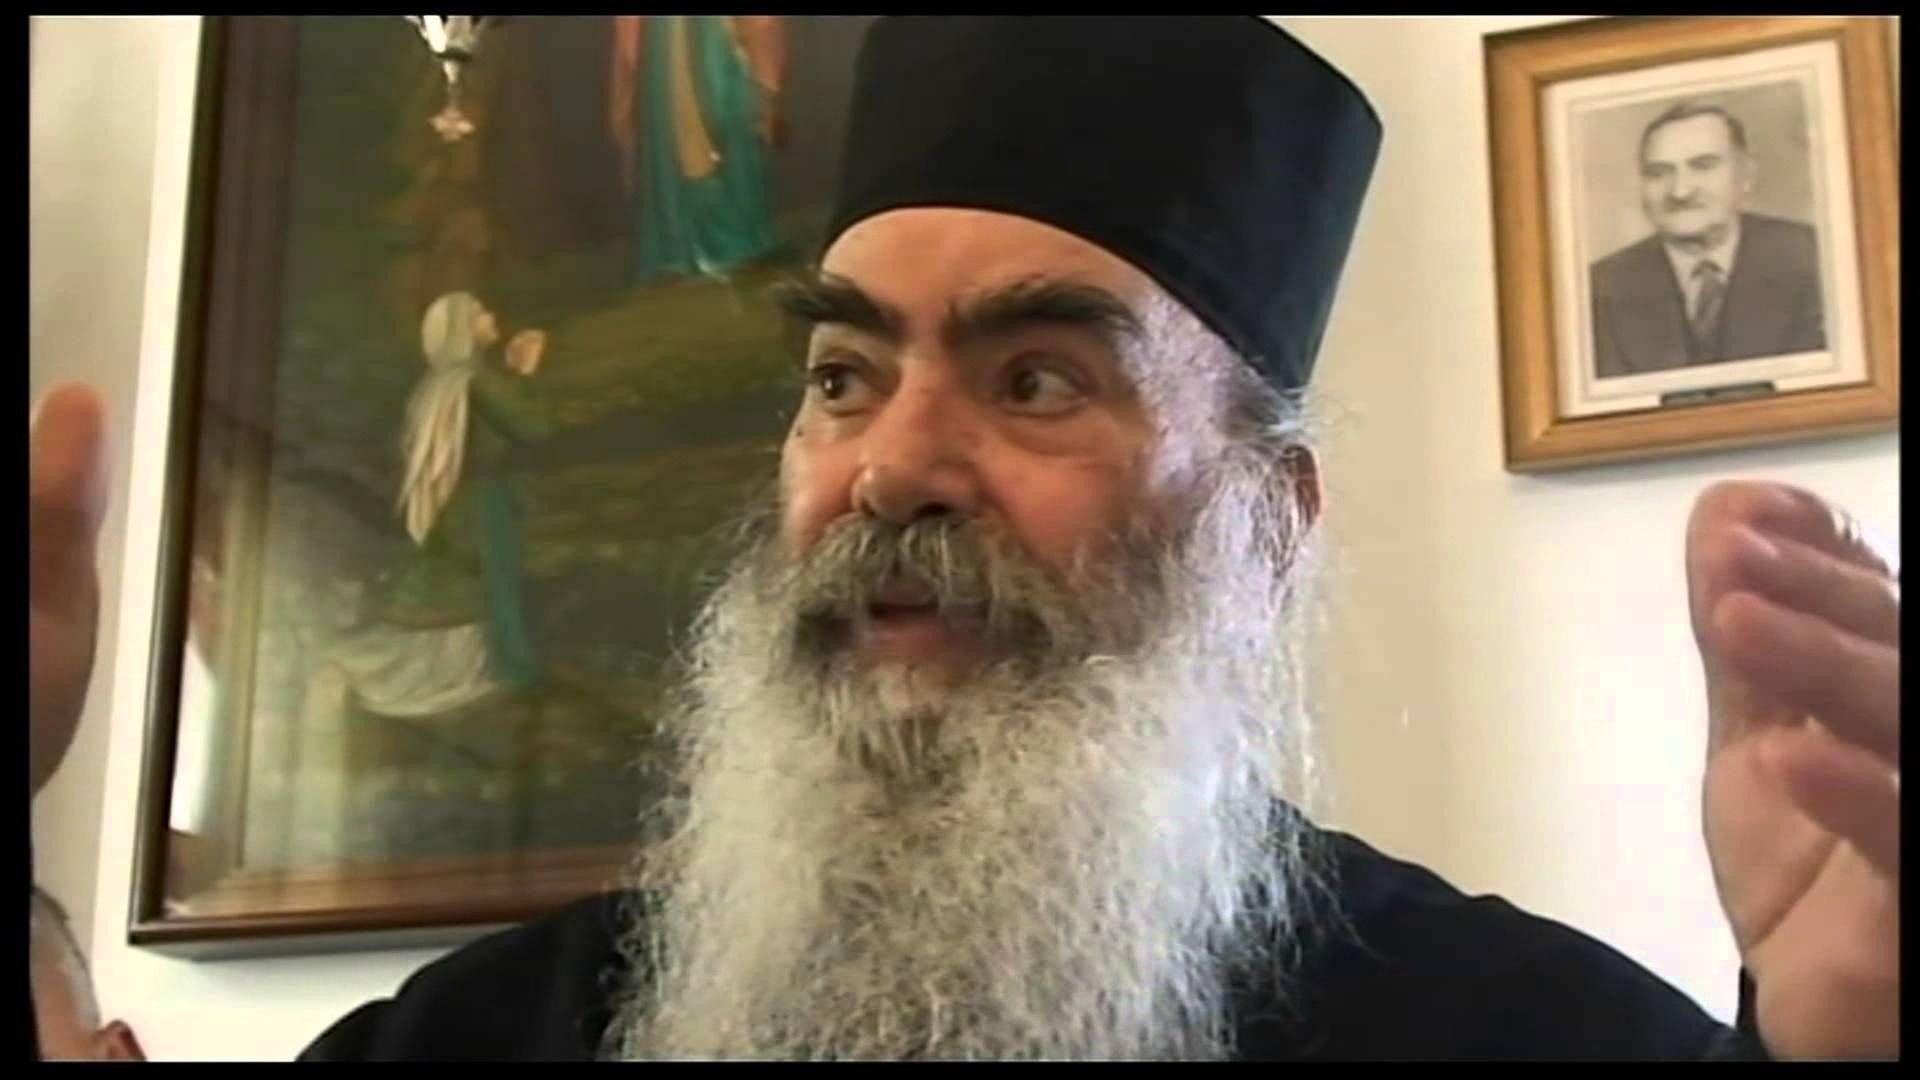 Πατήρ Σάββας Αχιλλέως: Τα σημεία που θα χτυπήσει ο Αντίχριστος και οι υπηρέτες του σκότους...!